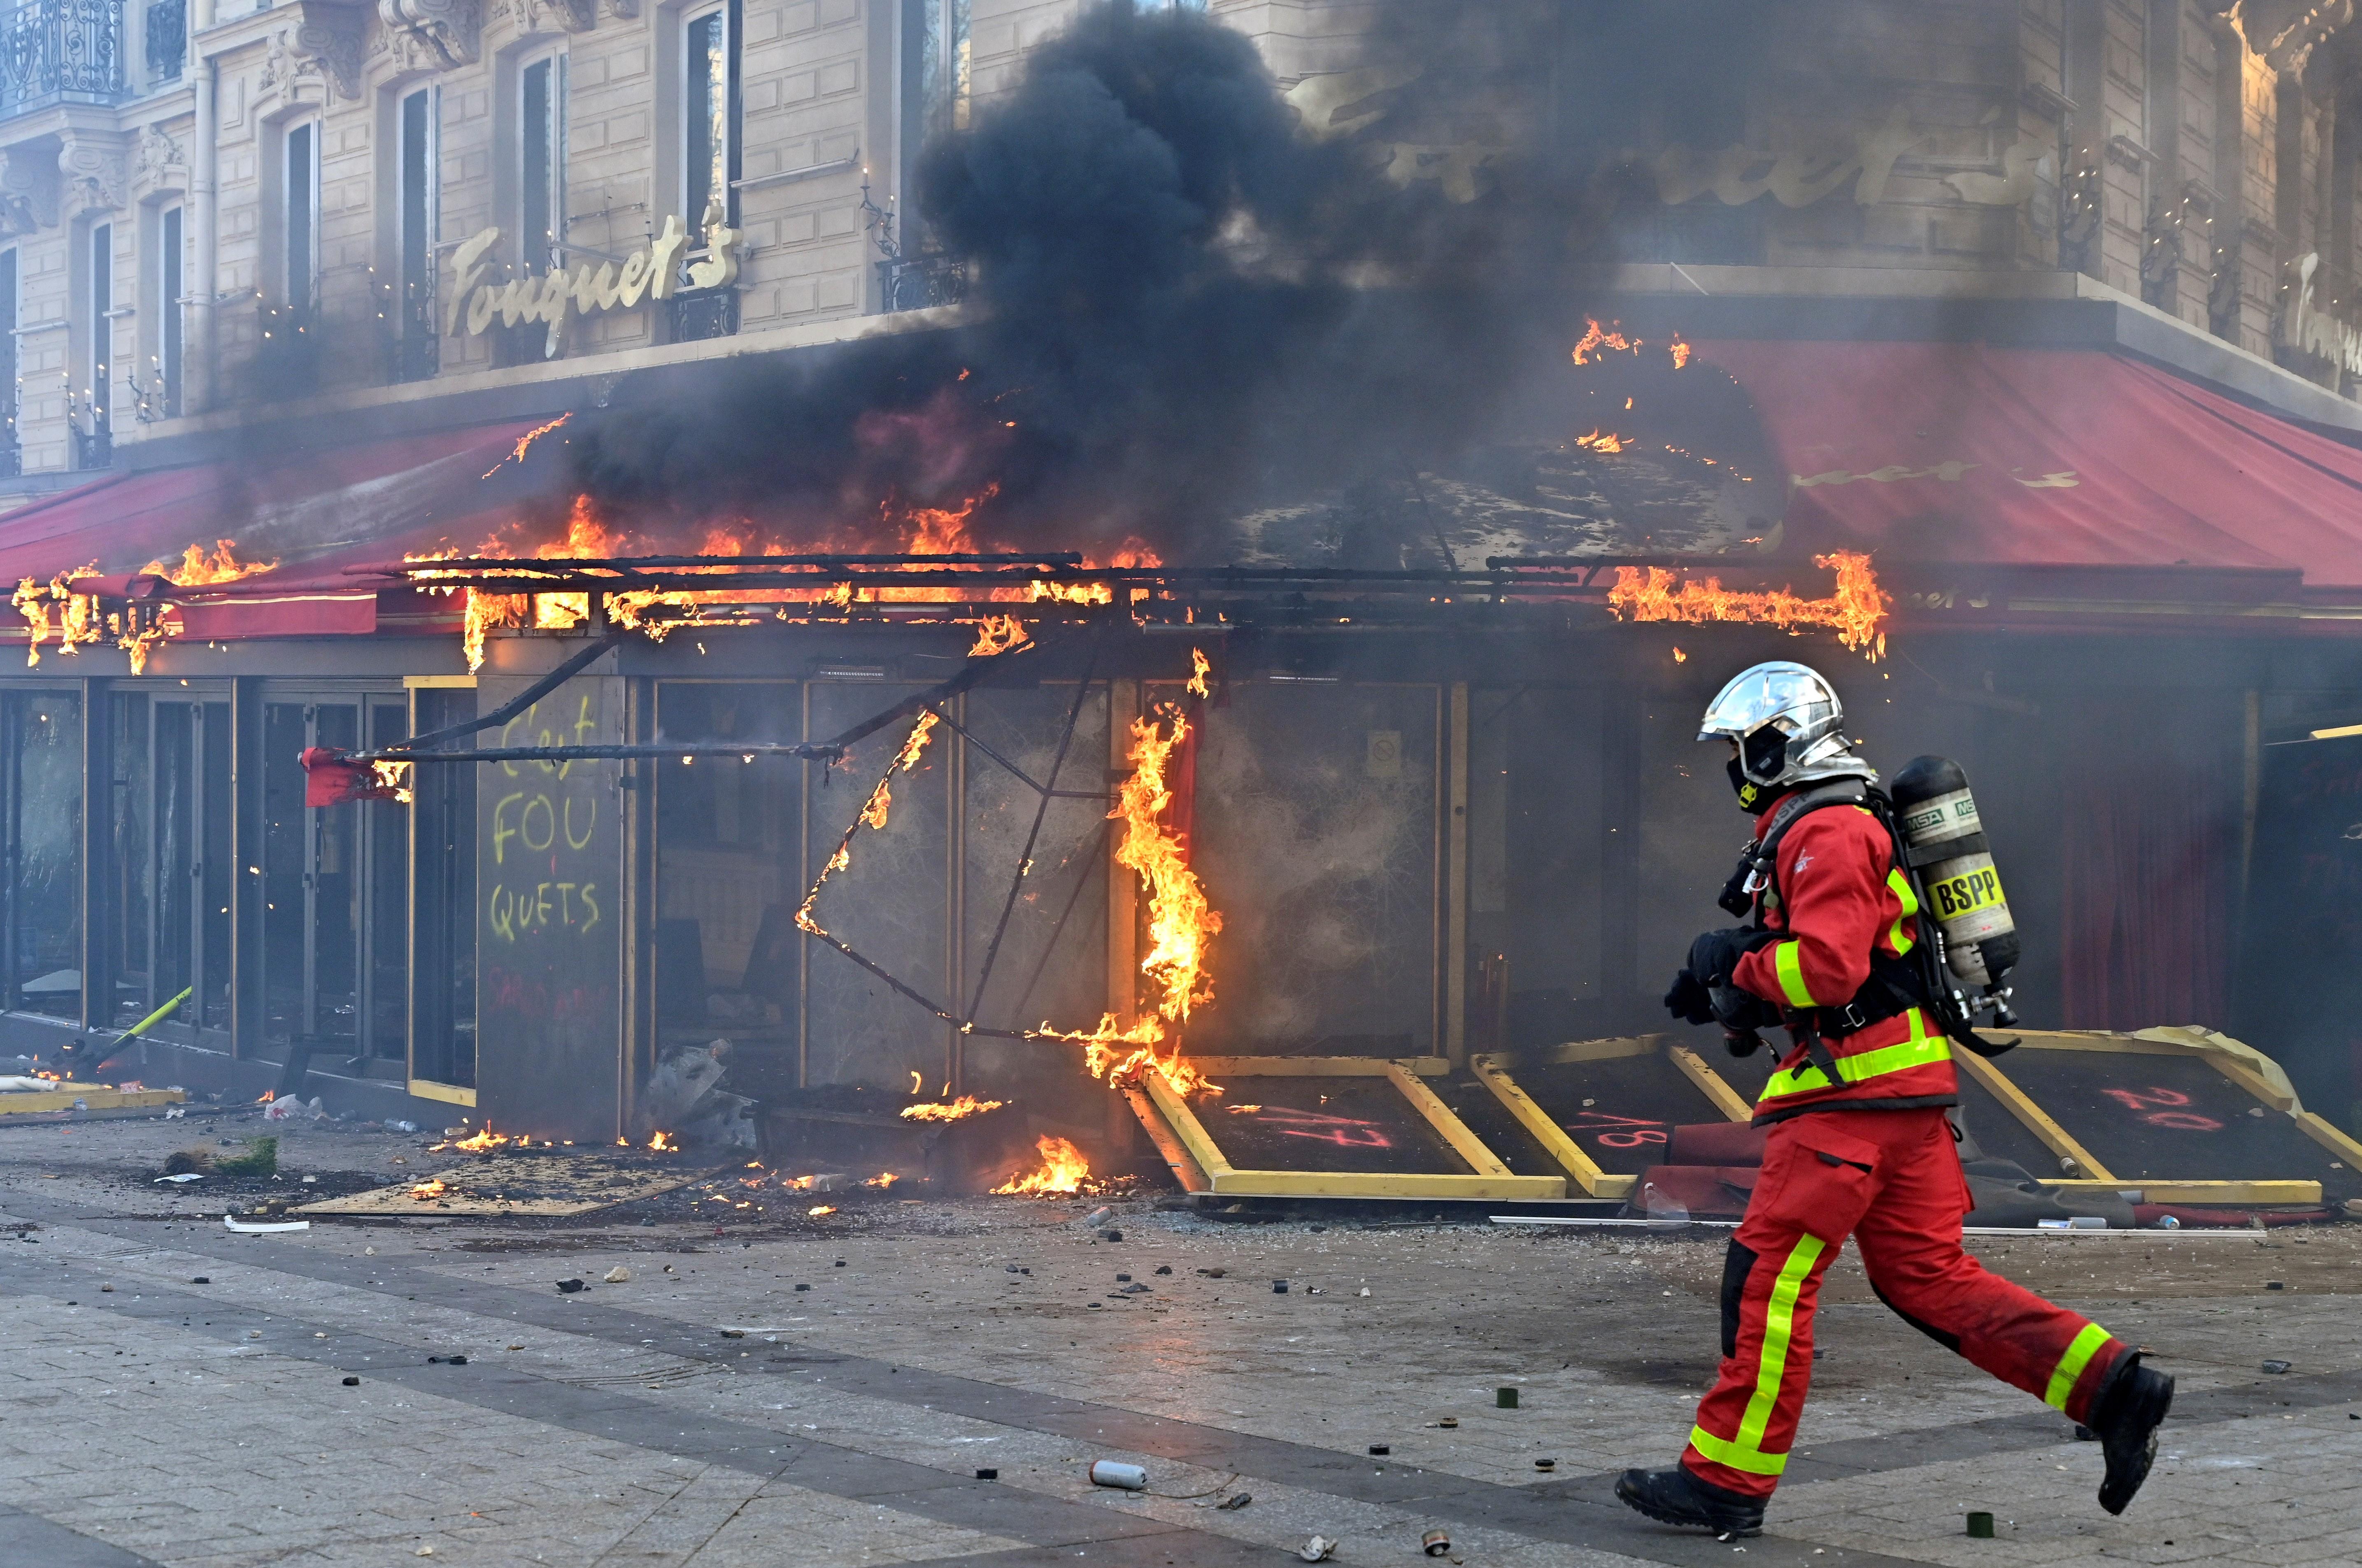 Yellow Vest Protesters Torch Elite Le Fouquet Restaurant in Paris